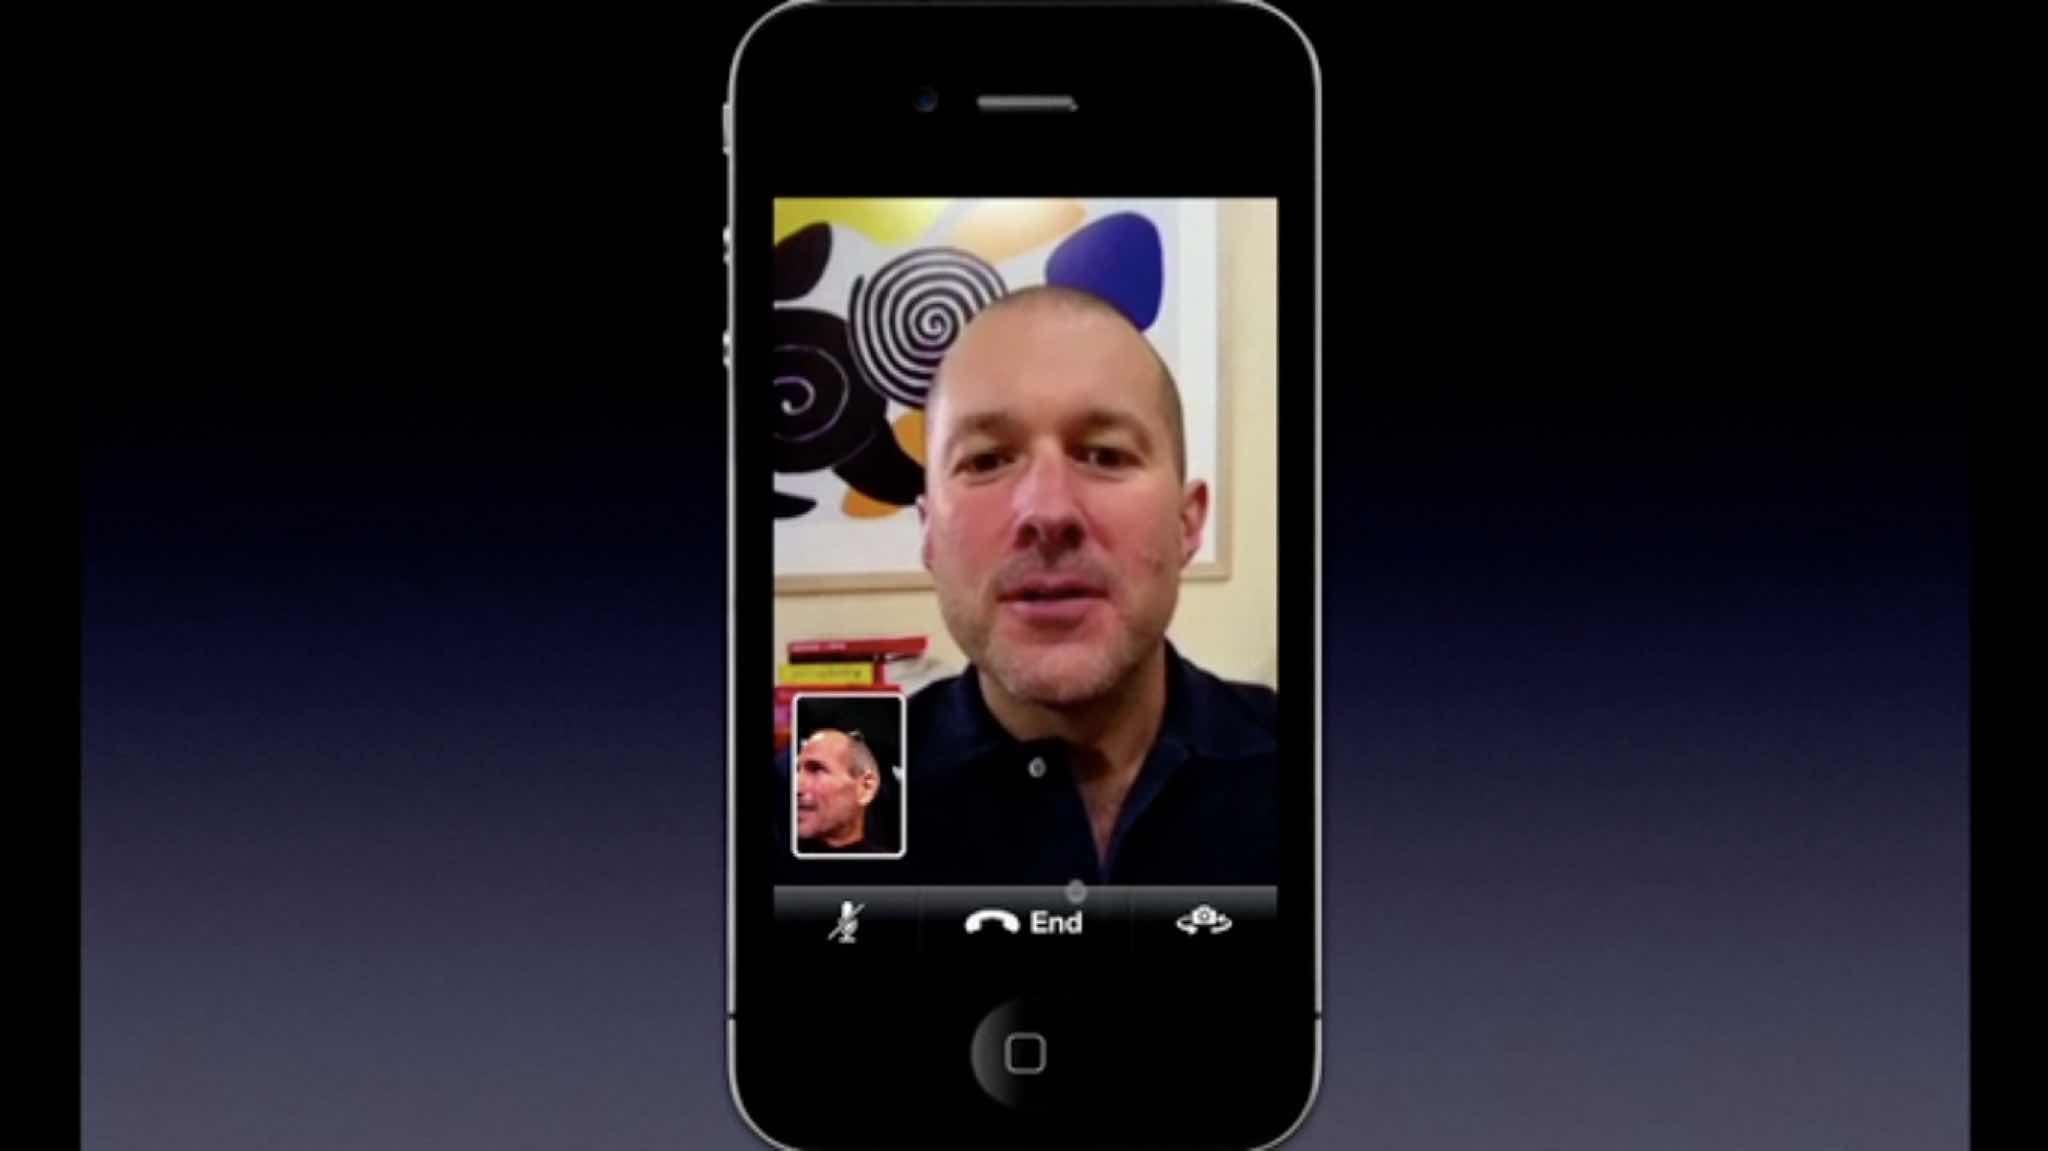 Steve Jobs and Jony Ive introduce FaceTime.